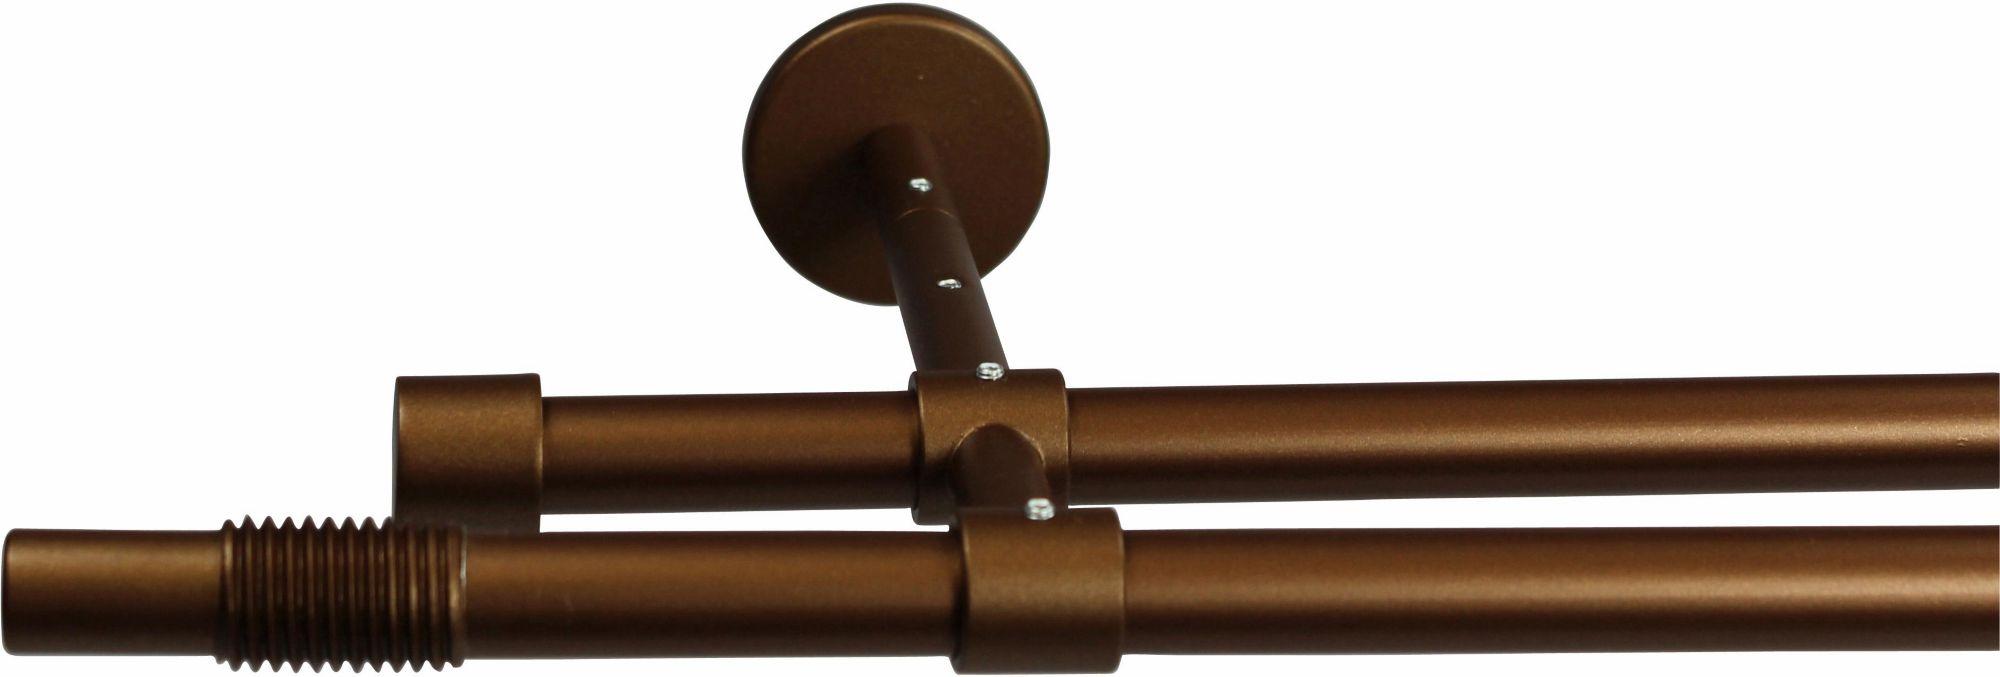 GARESA Gardinenstange 16 mm Skrufa, ohne Ringe, mit geschlossenen Träger, nach Maß